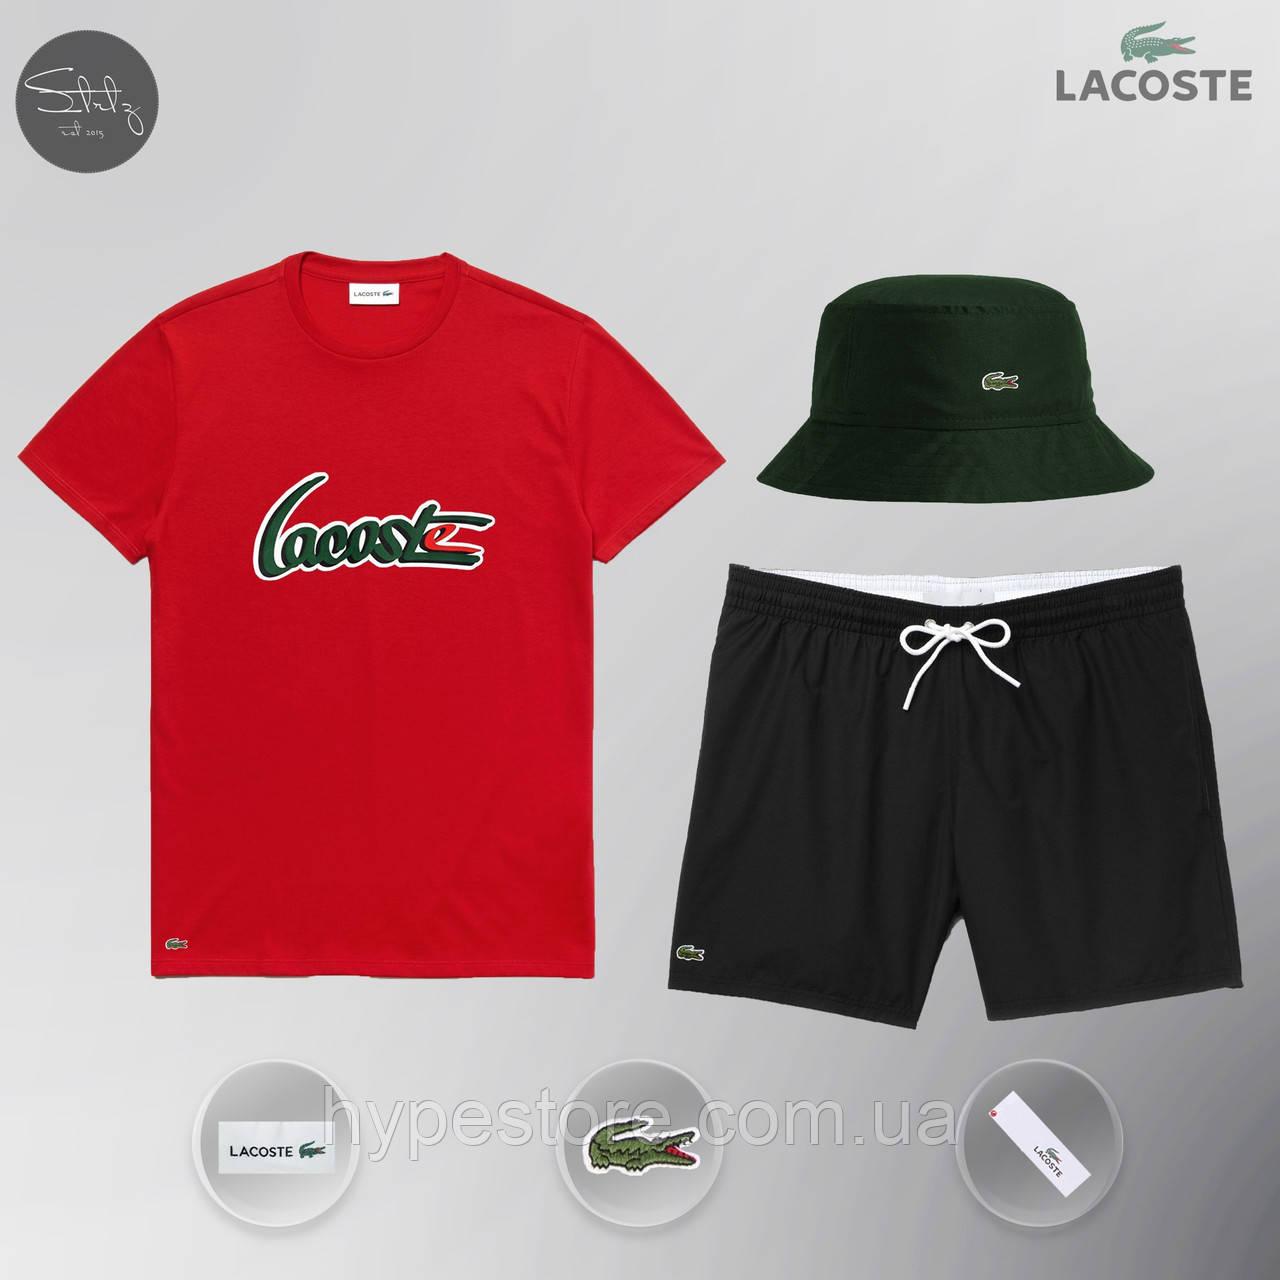 Летний спортивный комплект, мужской пляжный комплект Lacoste, шорты+футболка, панама, ТОП-Реплика (красный)